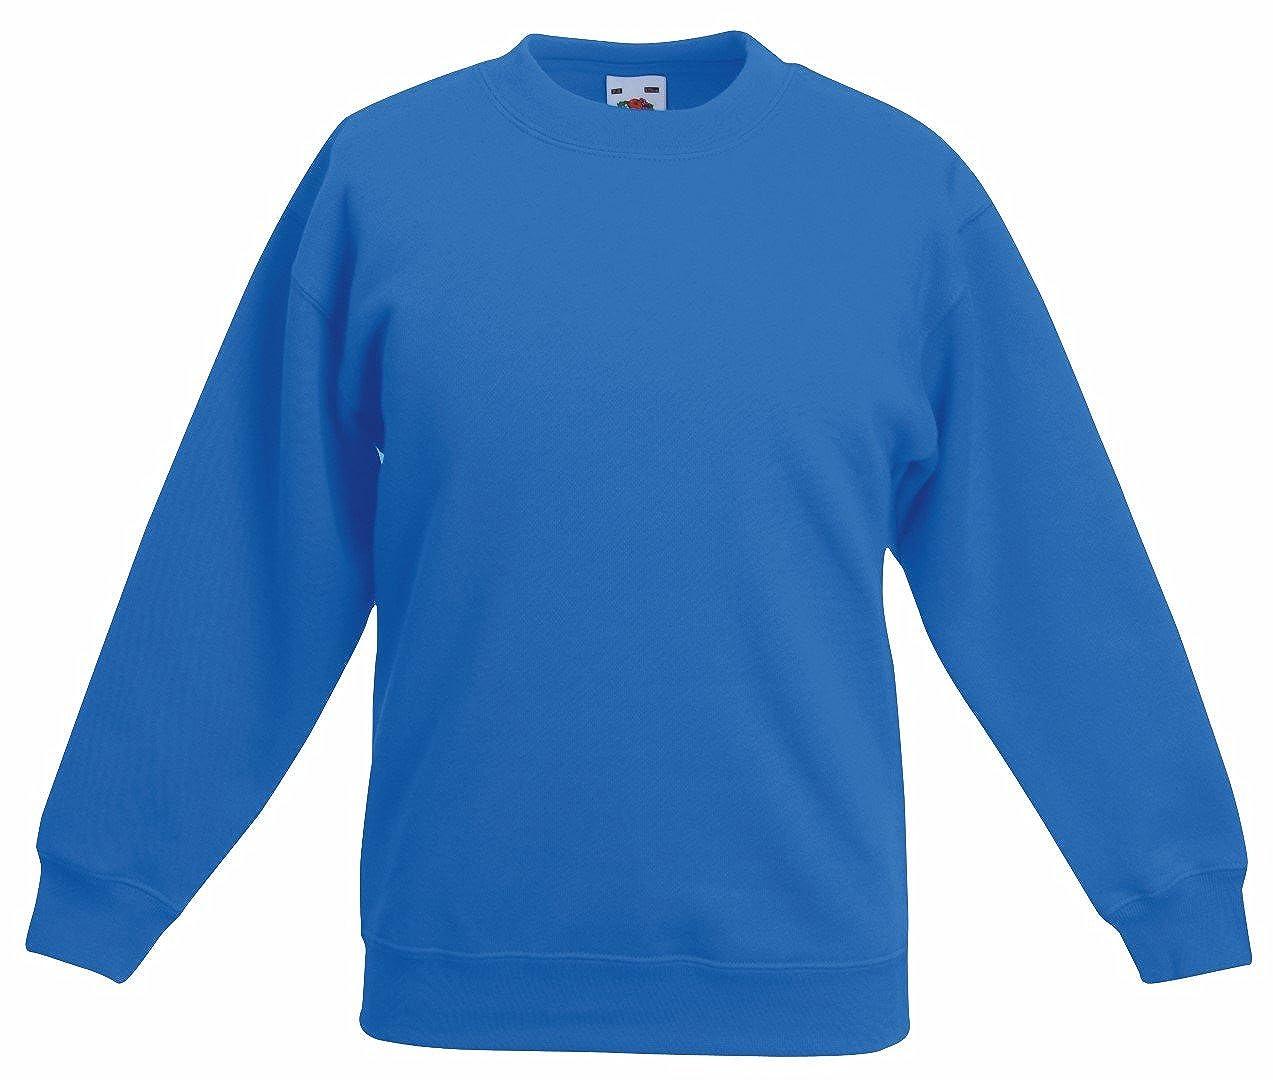 Fruit of the Loom Kids Drop Shoulder Sweatshirt